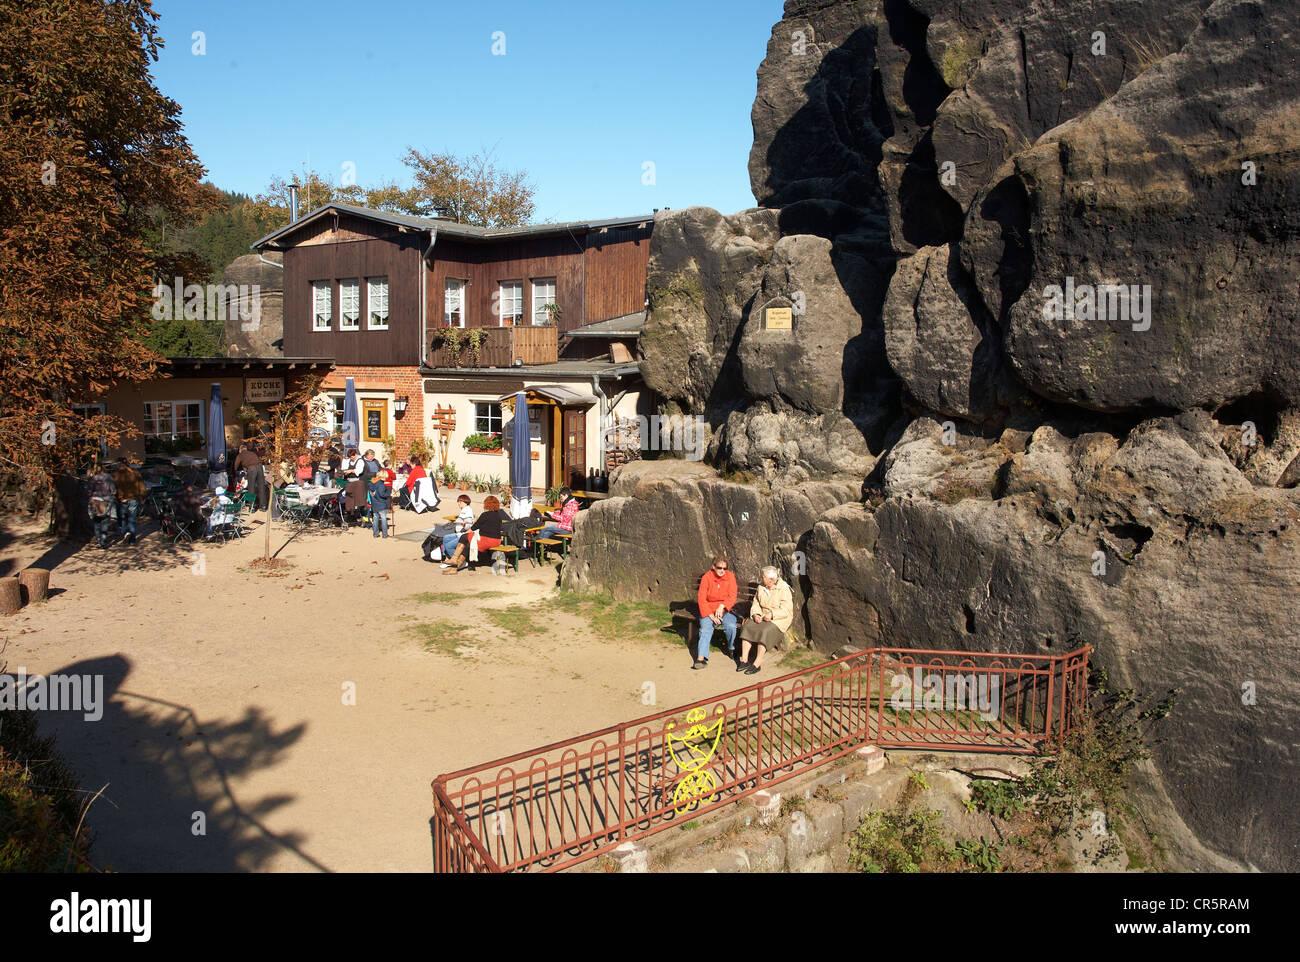 Klettersteig Zittauer Gebirge : Nonnenfelsen zittauer gebirge stockfotos